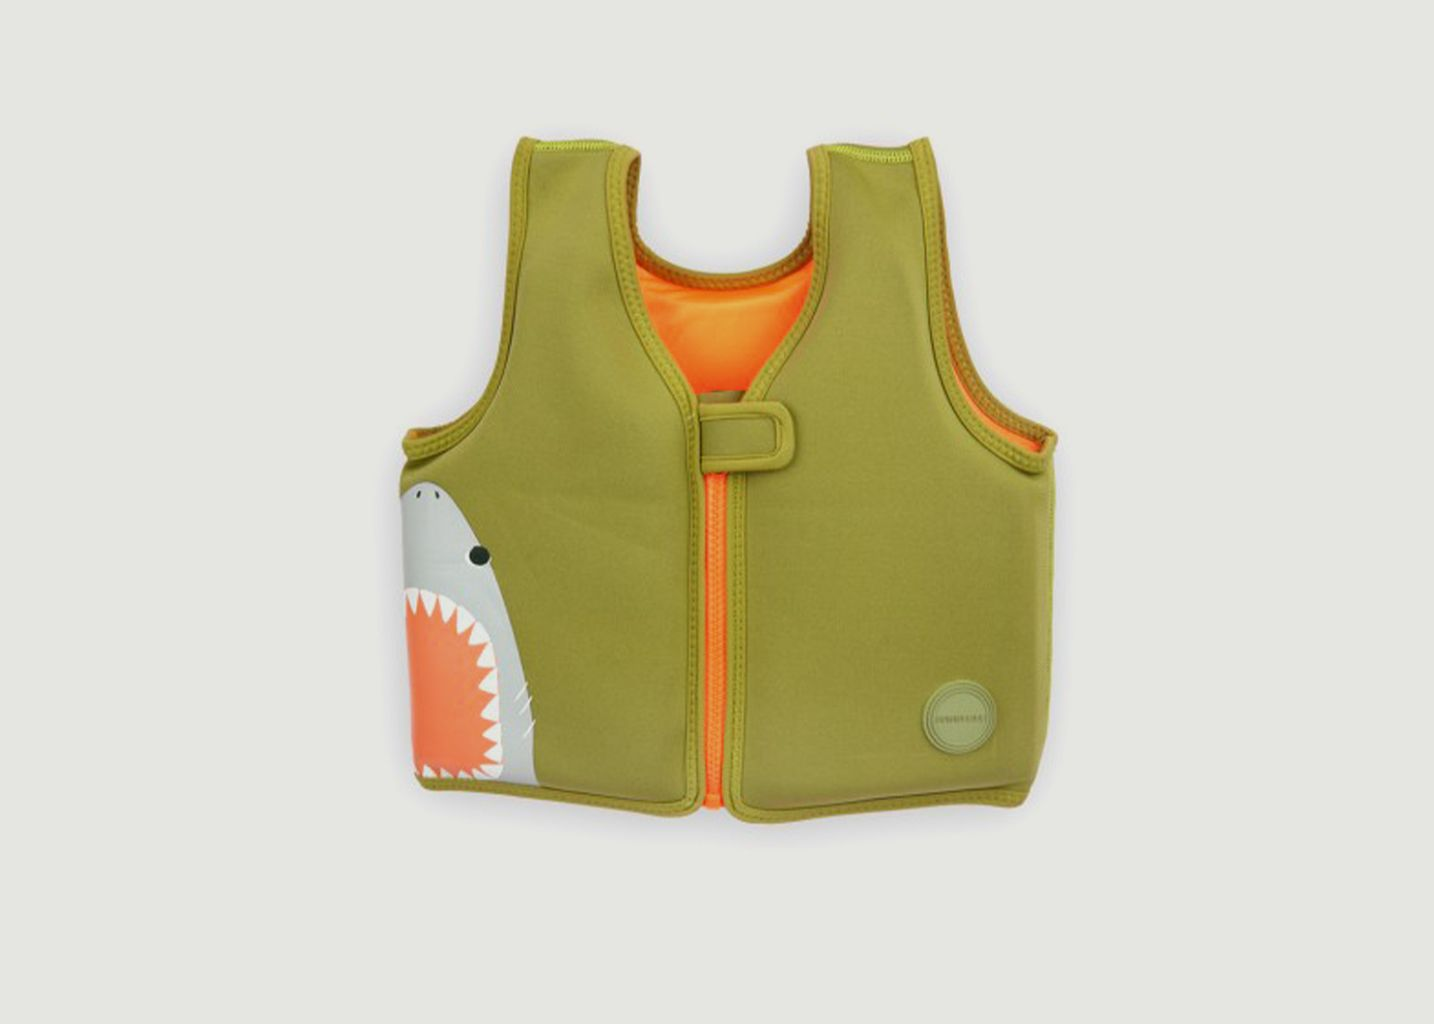 Veste de piscine pour enfants shark attack - Sunny Life